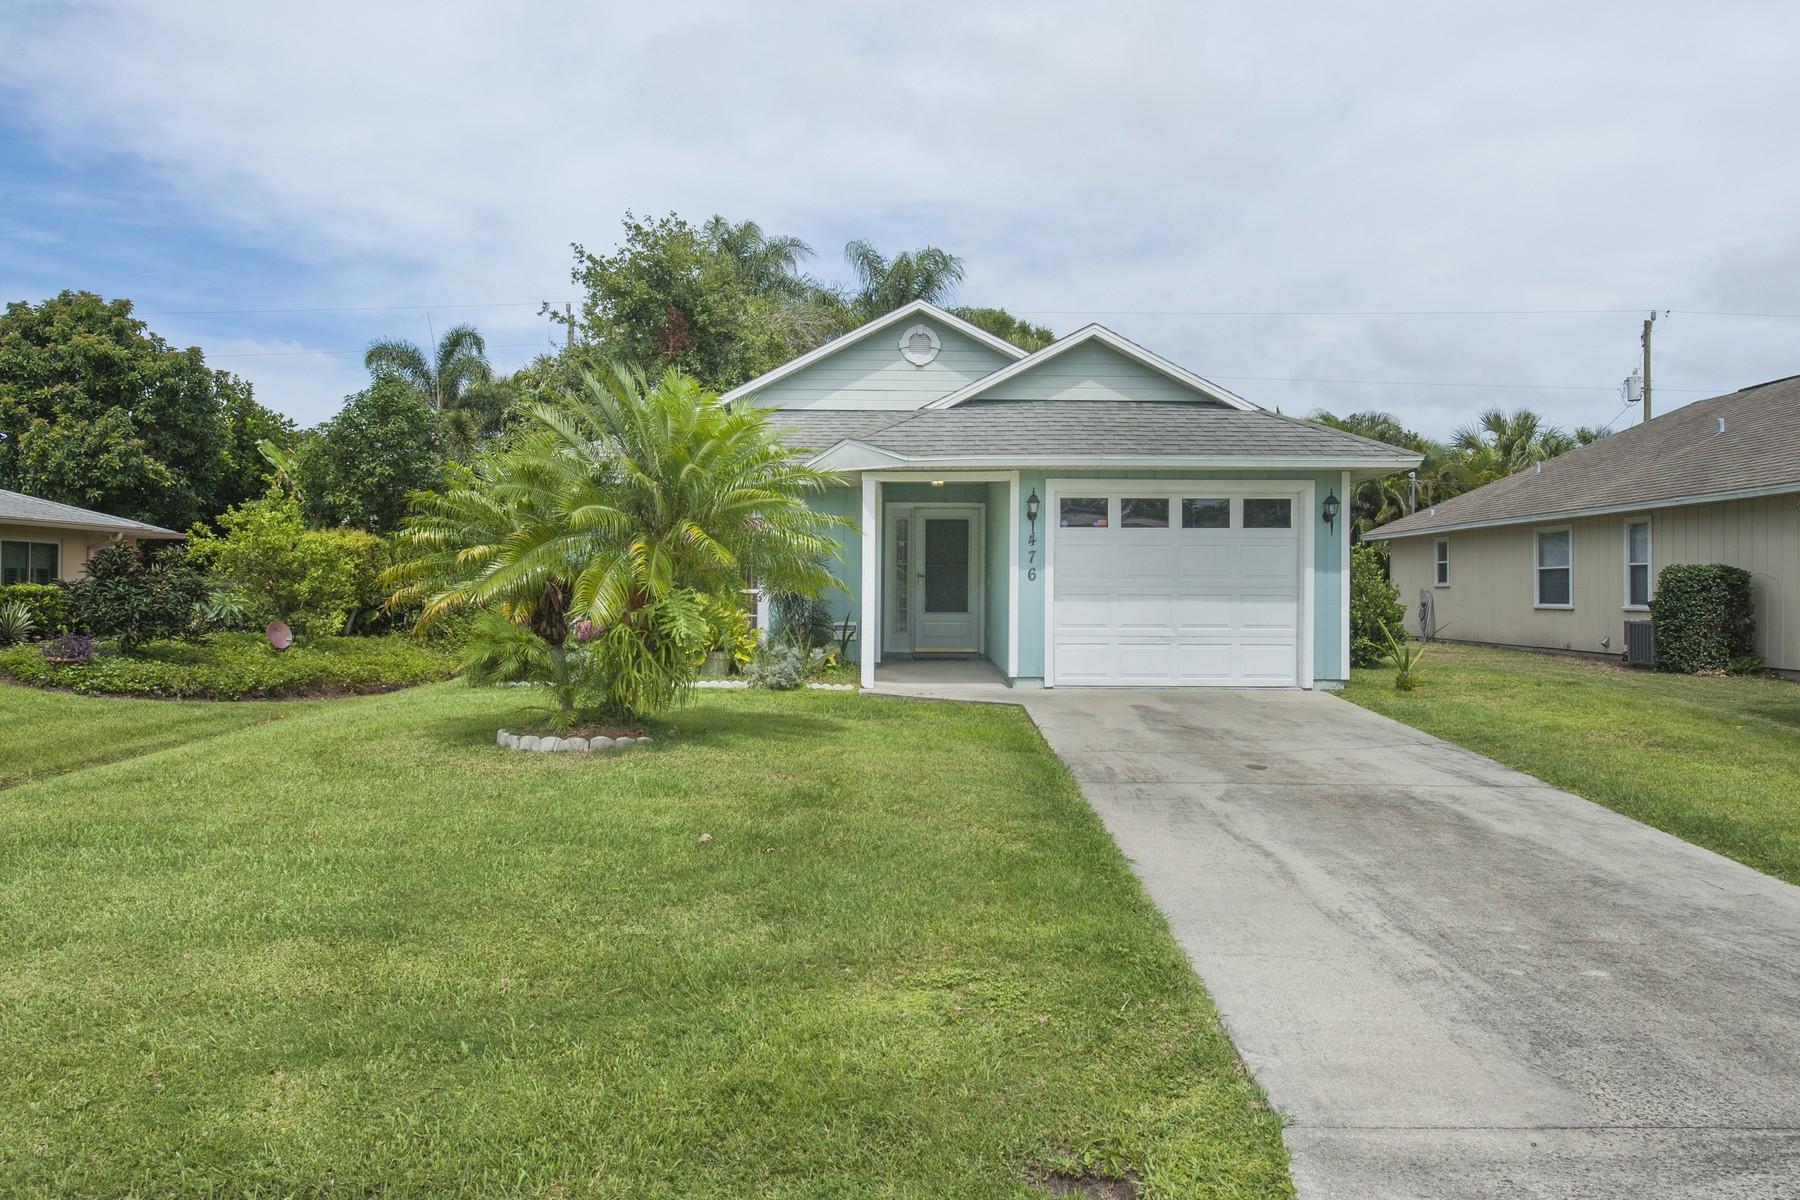 단독 가정 주택 용 매매 에 Lovely home in Royal Poinciana Park 476 14th Avenue Vero Beach, 플로리다 32962 미국